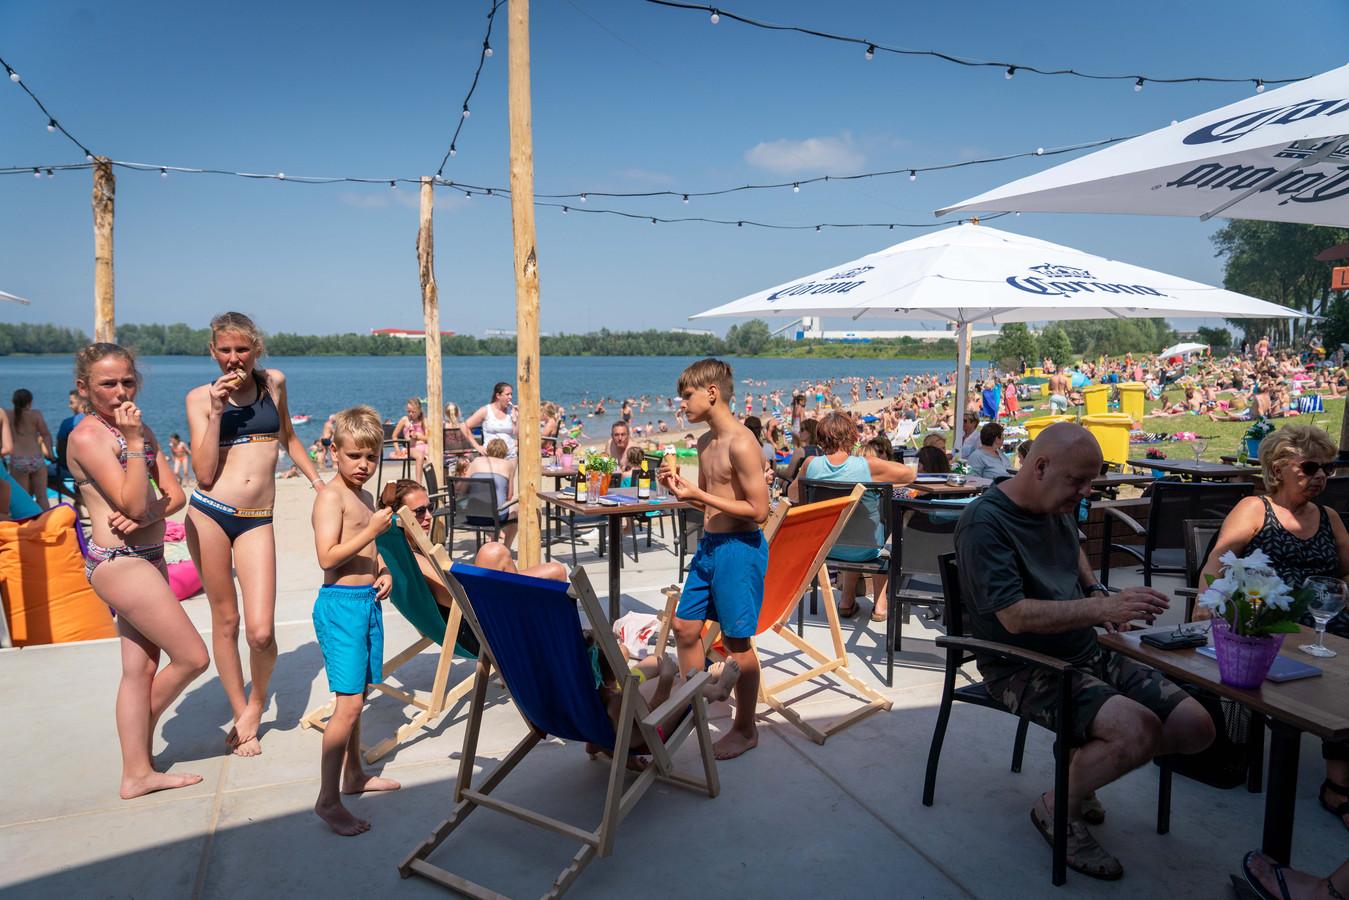 Beachclub BUITEN! in Huissen. Foto: Erik van 't Hullenaar.